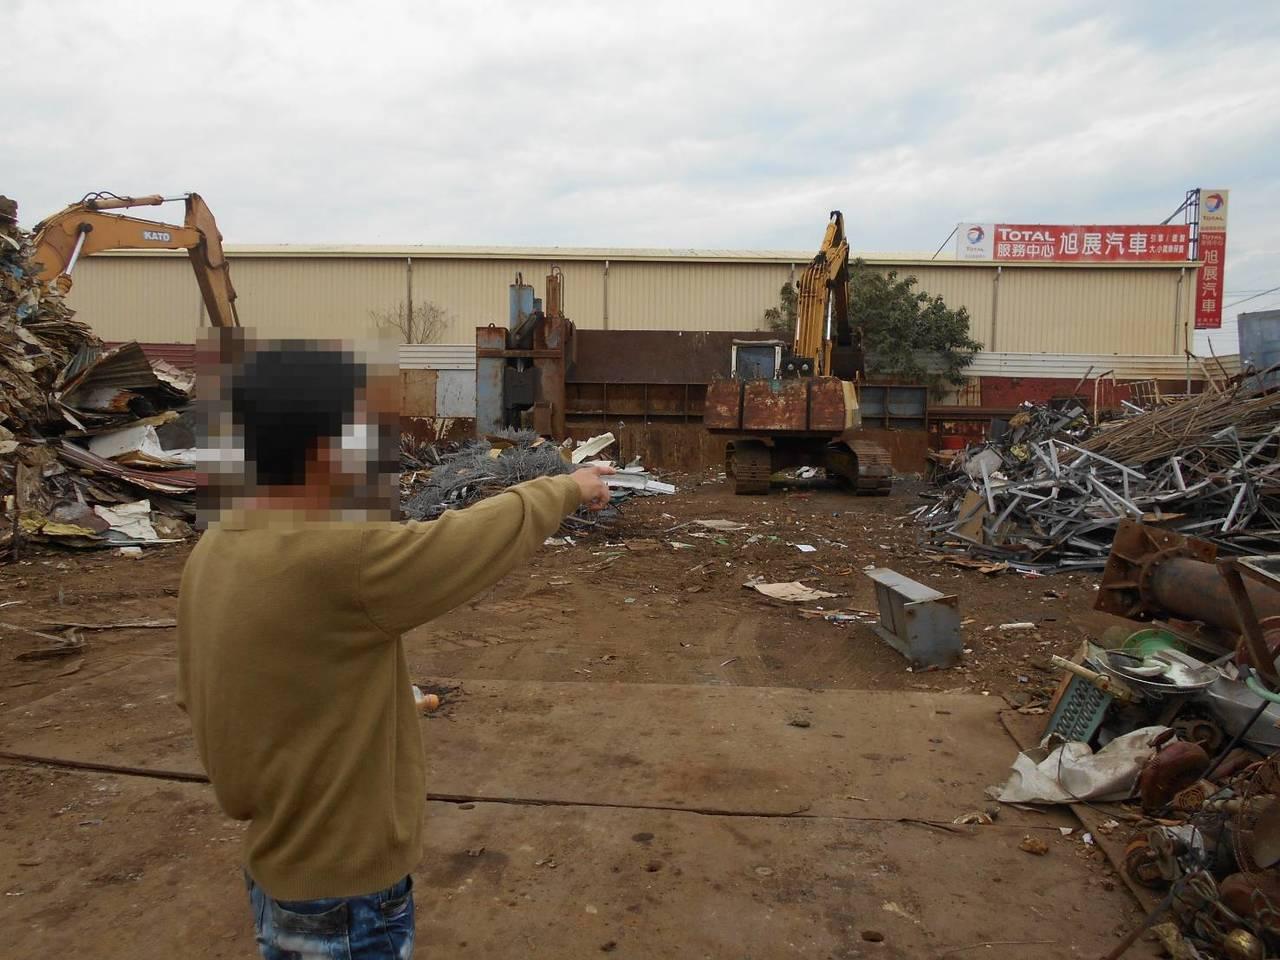 張嫌將道路護欄、安全防護錏管當廢鐵賣資源回收廠。記者卜敏正/翻攝